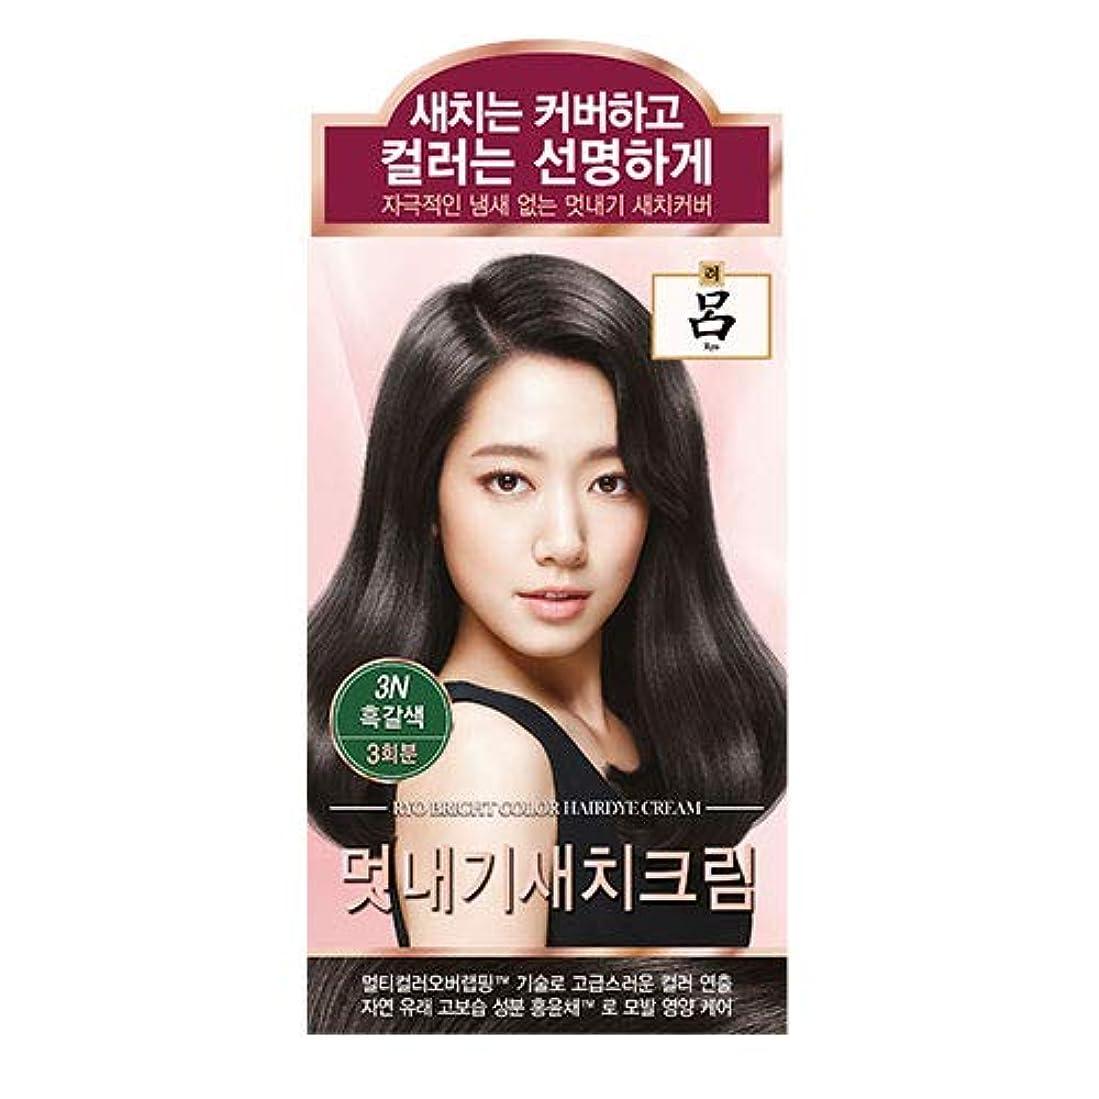 ロッジ連想憎しみアモーレパシフィック呂[AMOREPACIFIC/Ryo] ブライトカラーヘアアイクリーム 3N ダークブラウン/Bright Color Hairdye Cream 3N Dark Brown